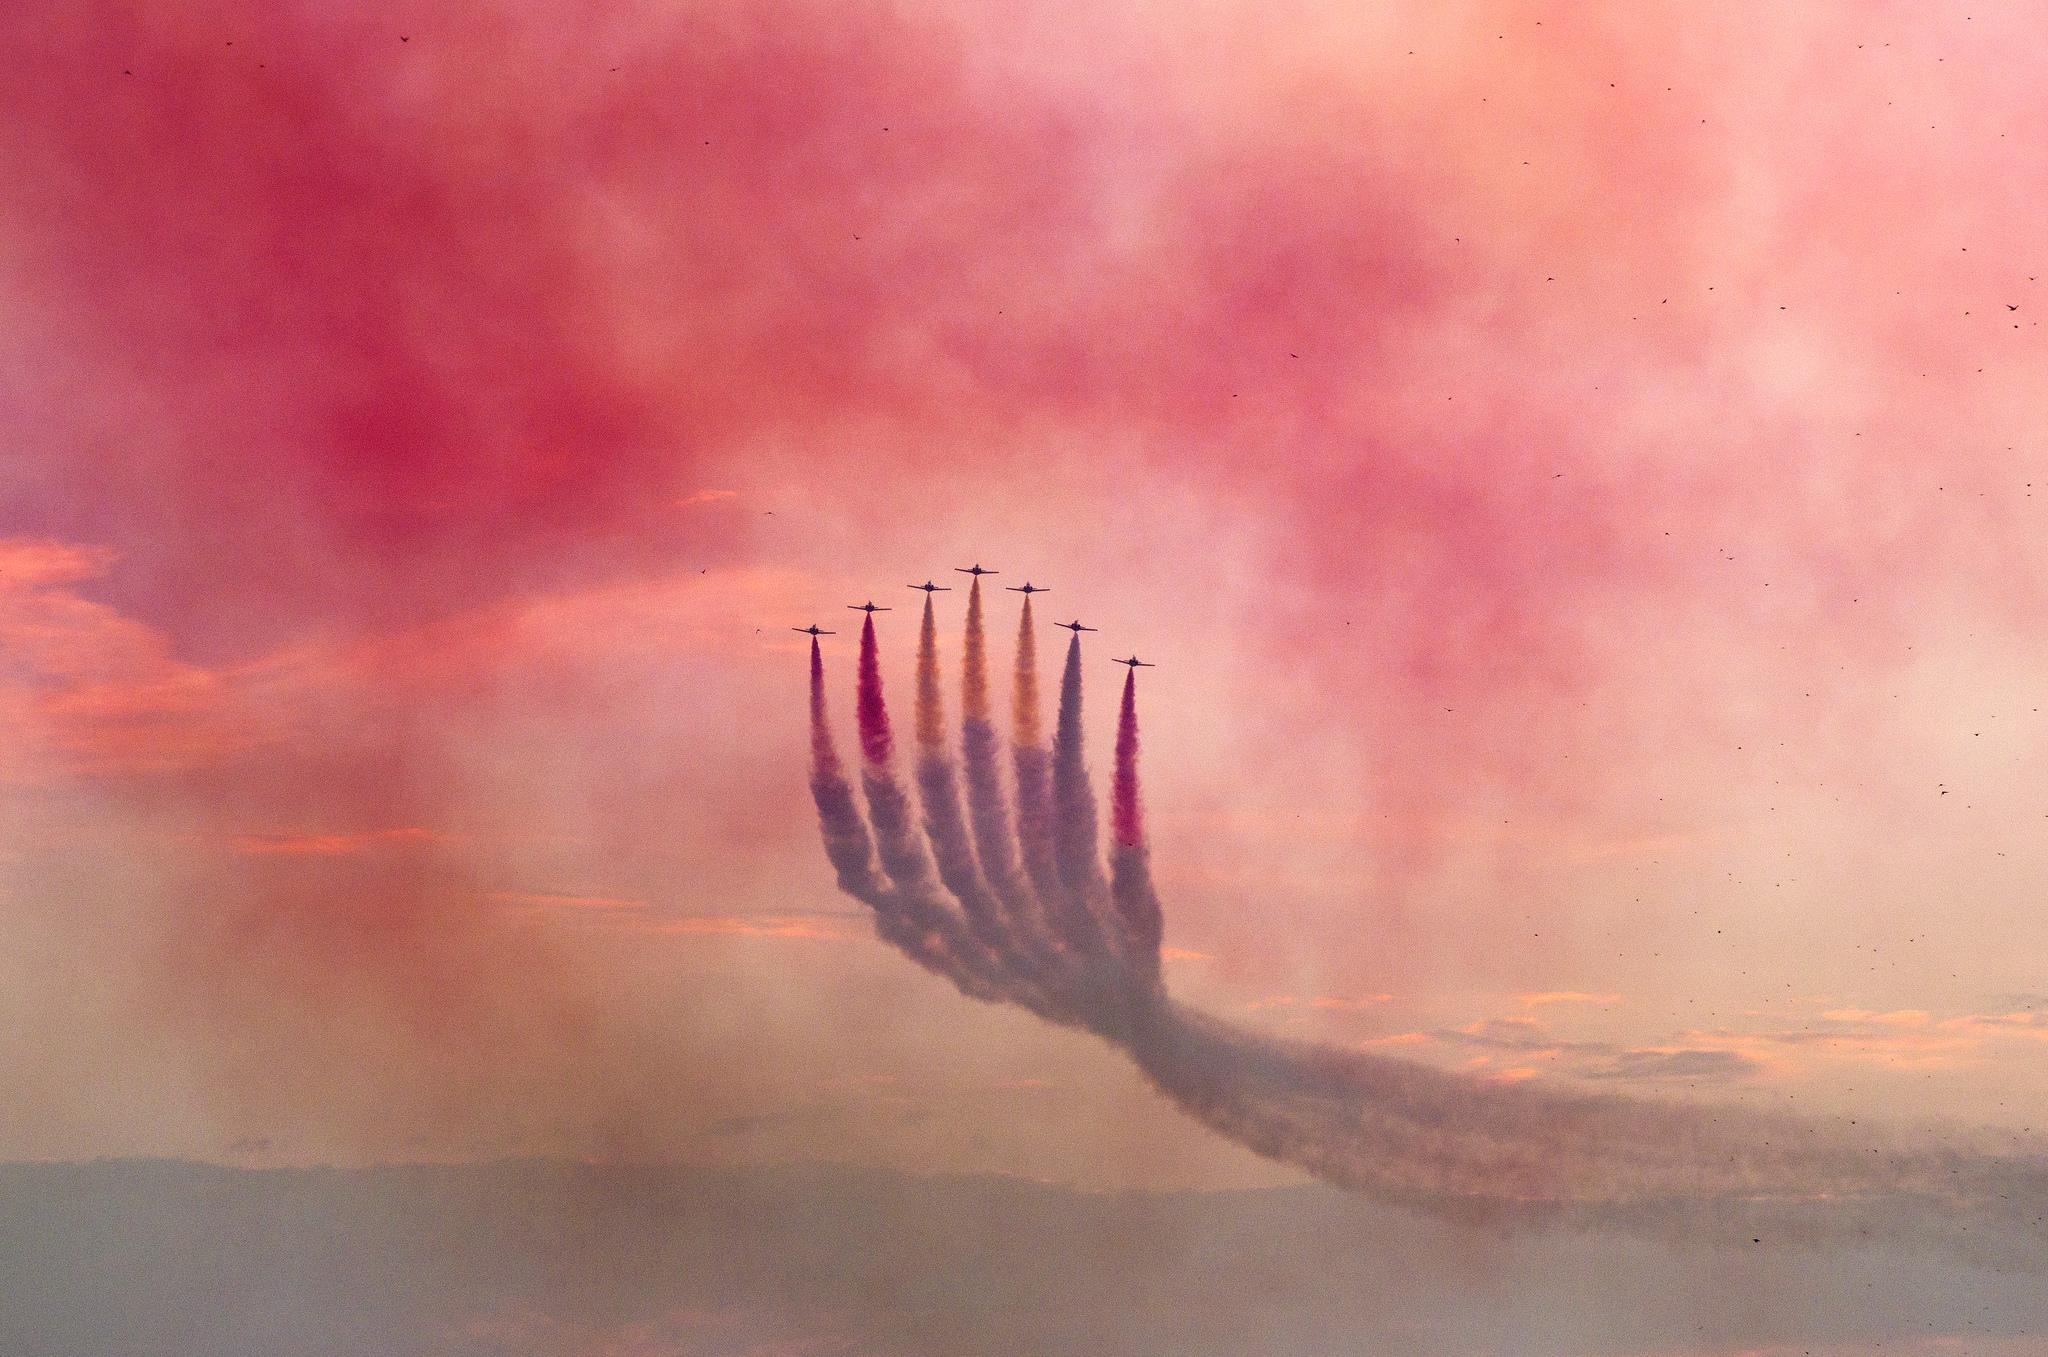 Avionetas de exhibición - 2048x1357